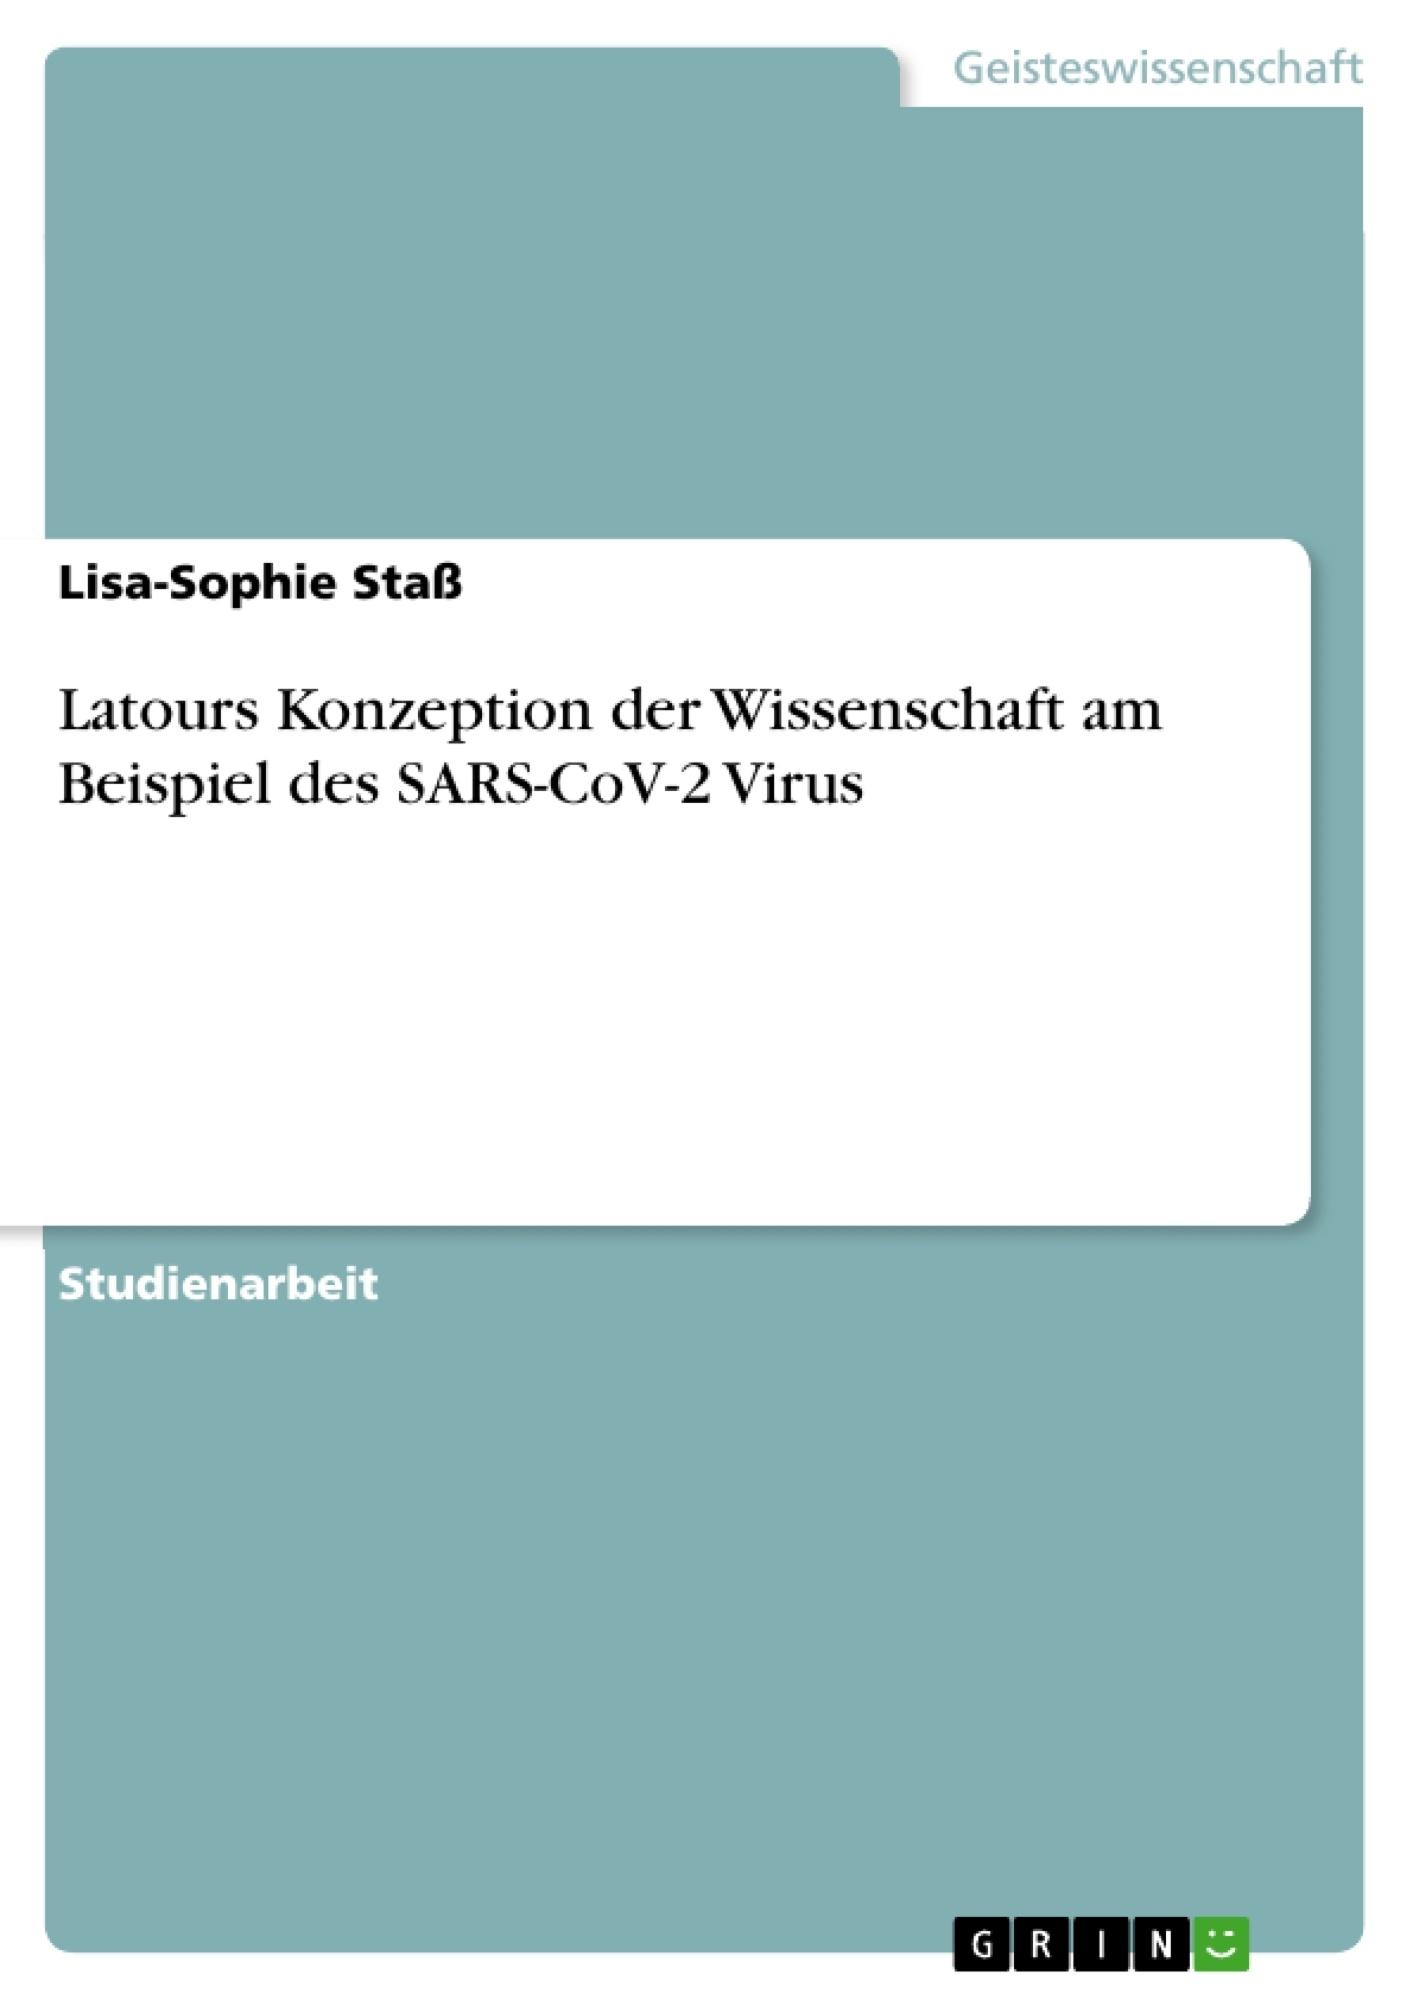 Titel: Latours Konzeption der Wissenschaft am Beispiel des SARS-CoV-2 Virus